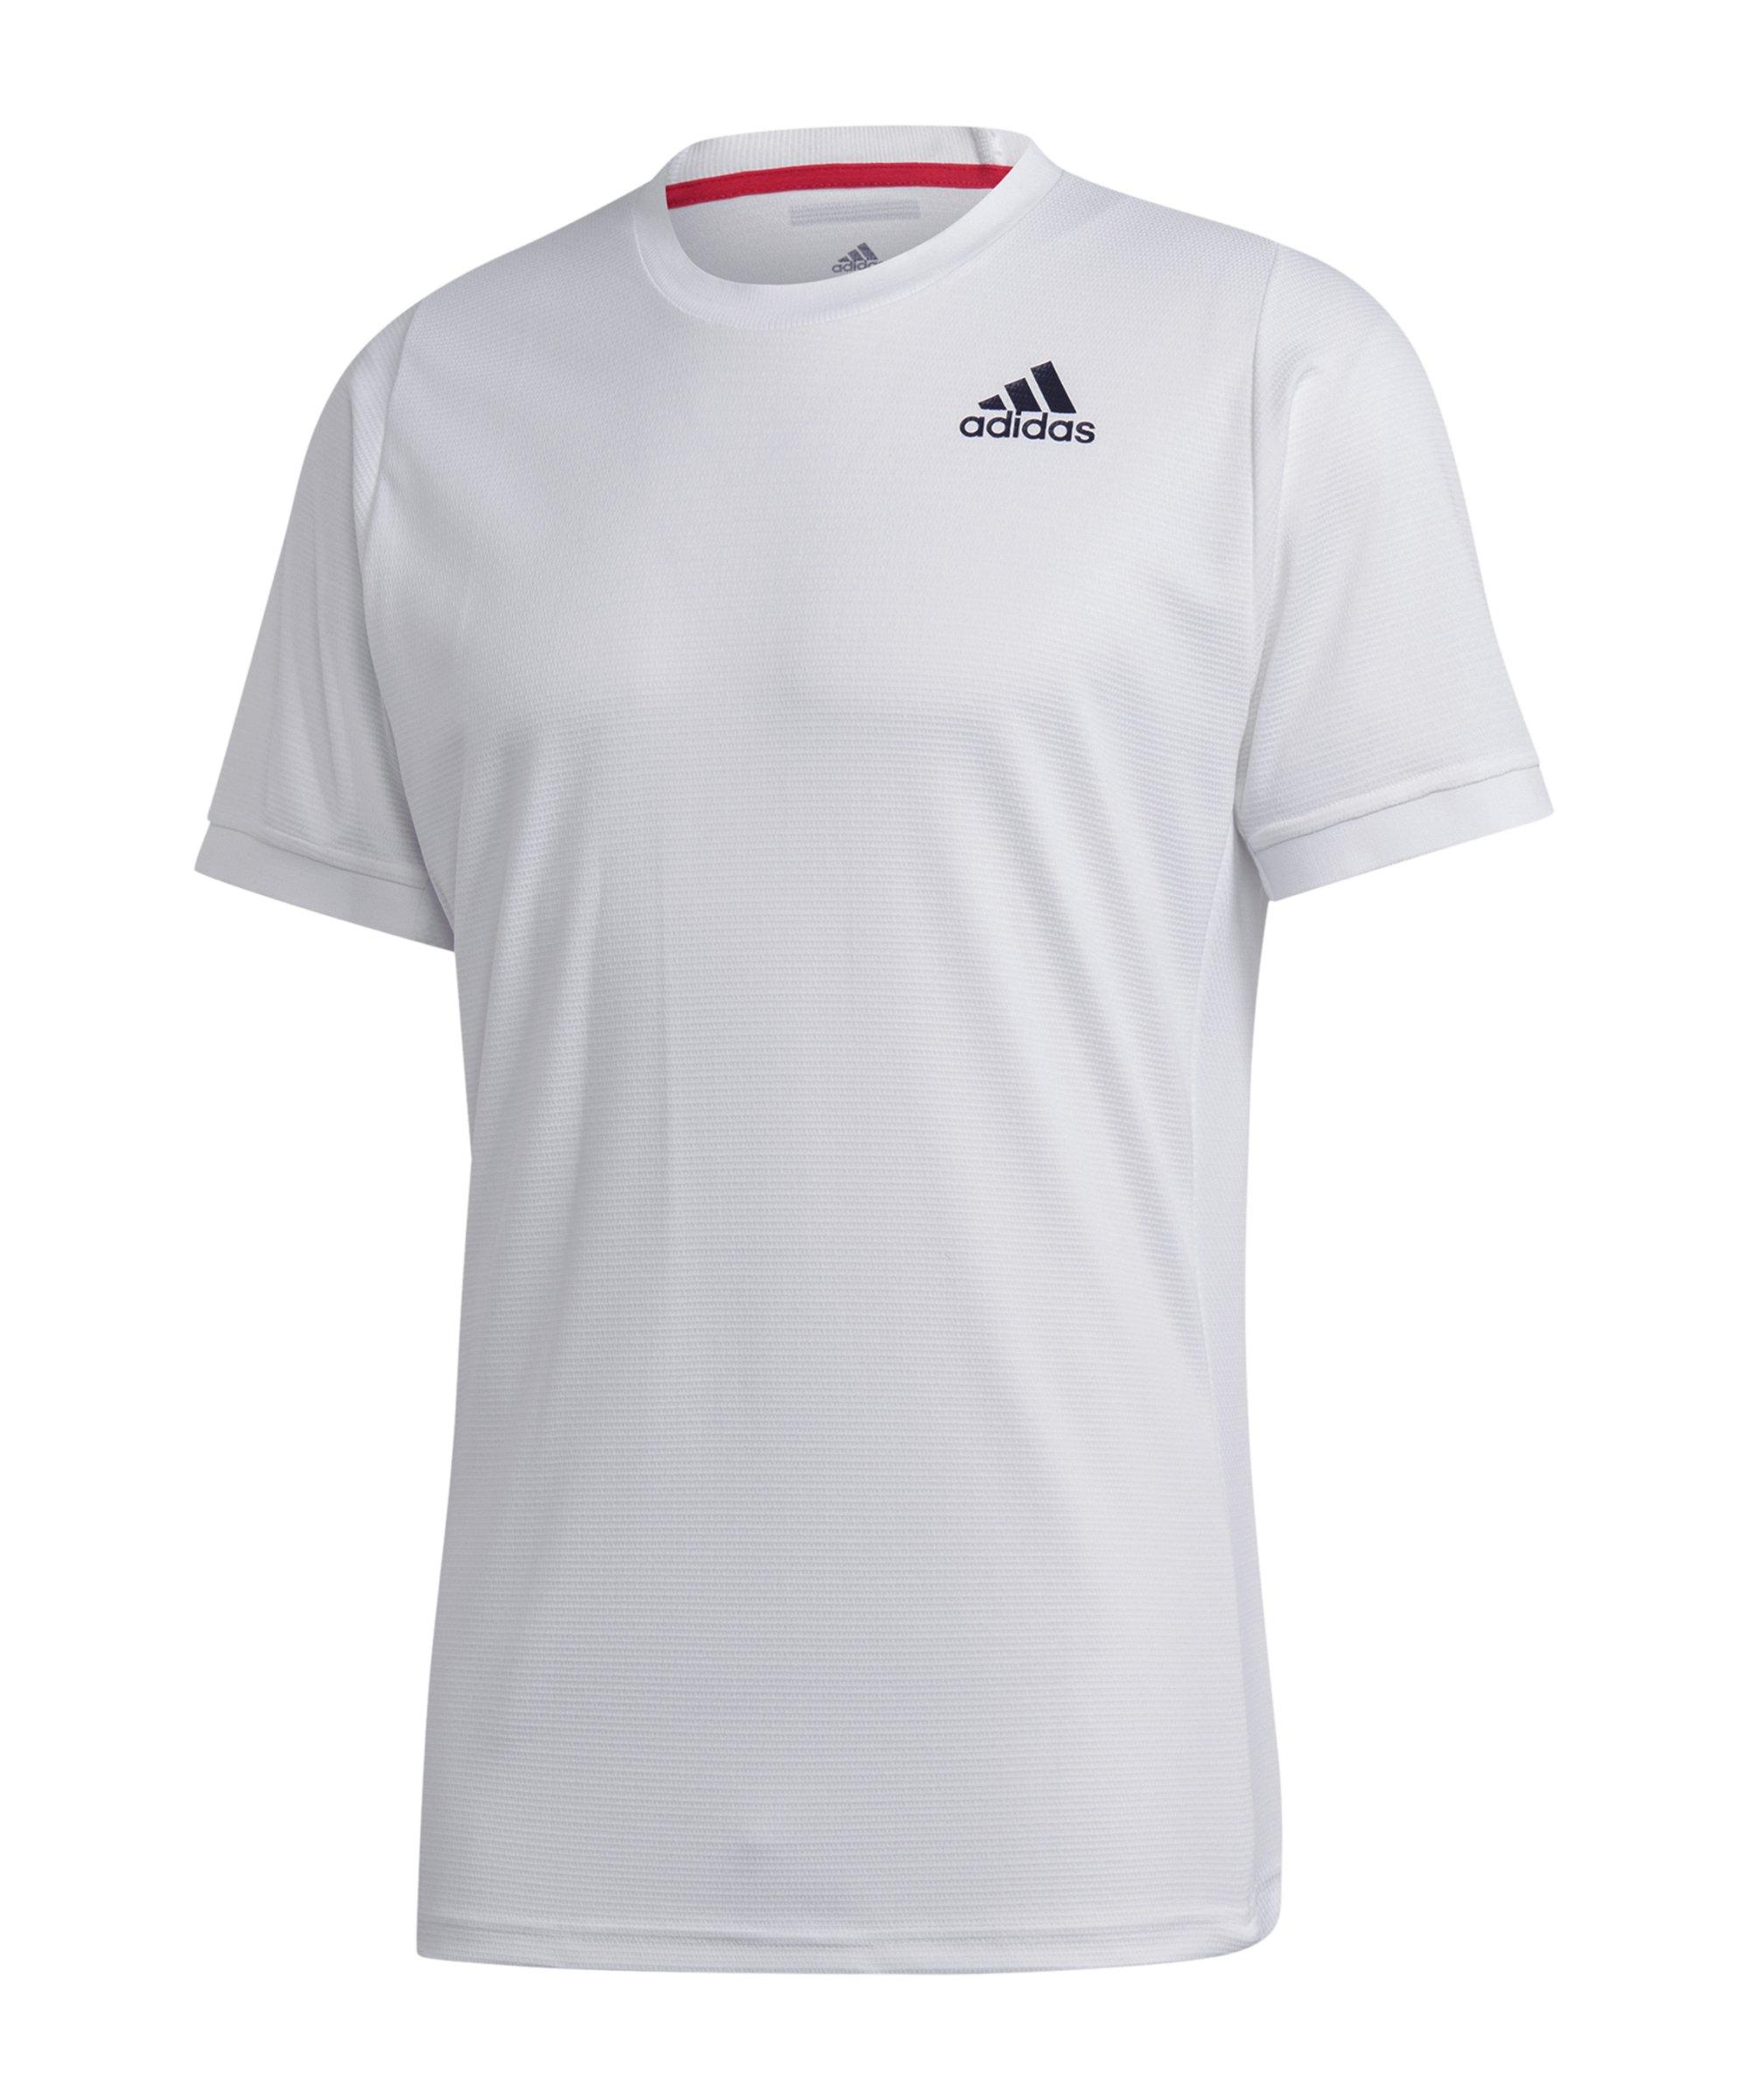 adidas Freelift Solid T-Shirt Weiss - weiss